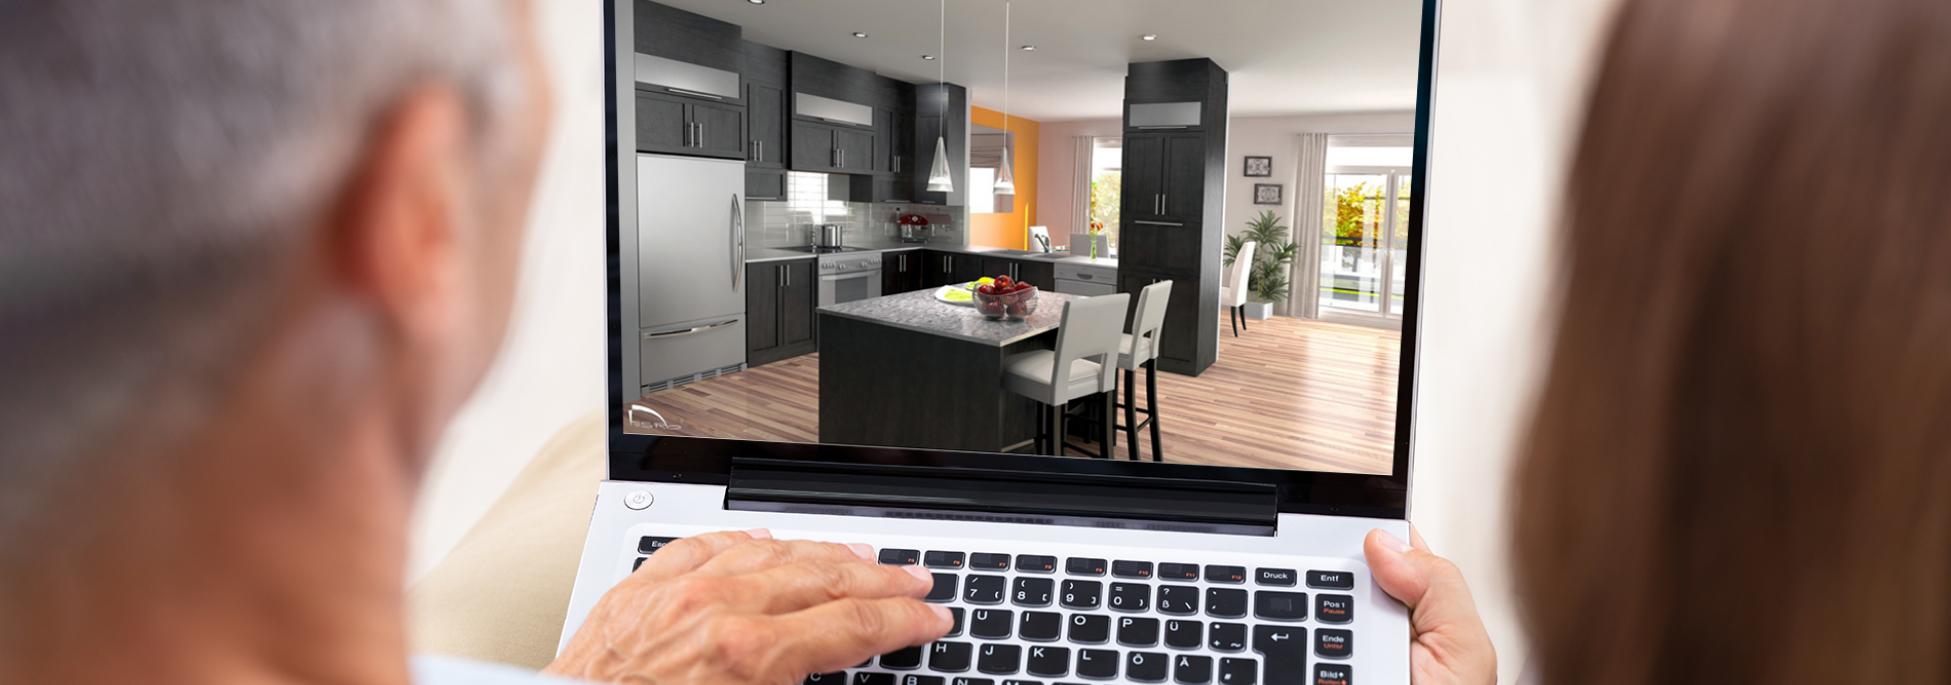 Visite virtuelle des condominiums X15 disponible